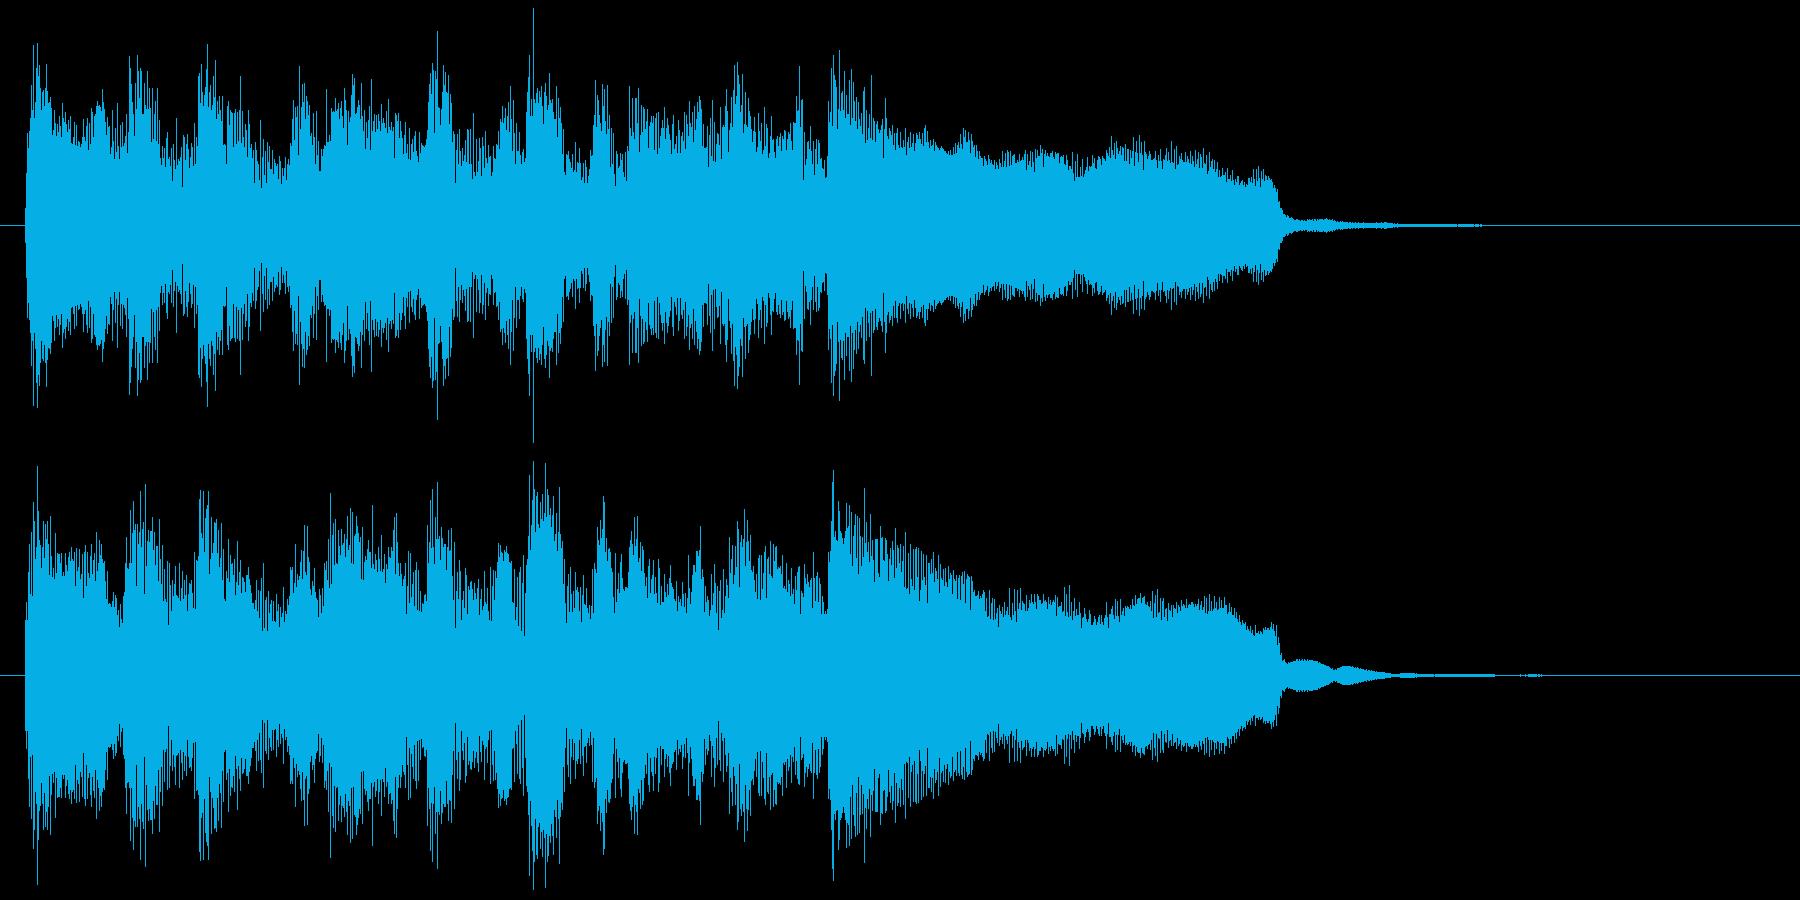 明るい、楽しいリコーダー生演奏のジングルの再生済みの波形